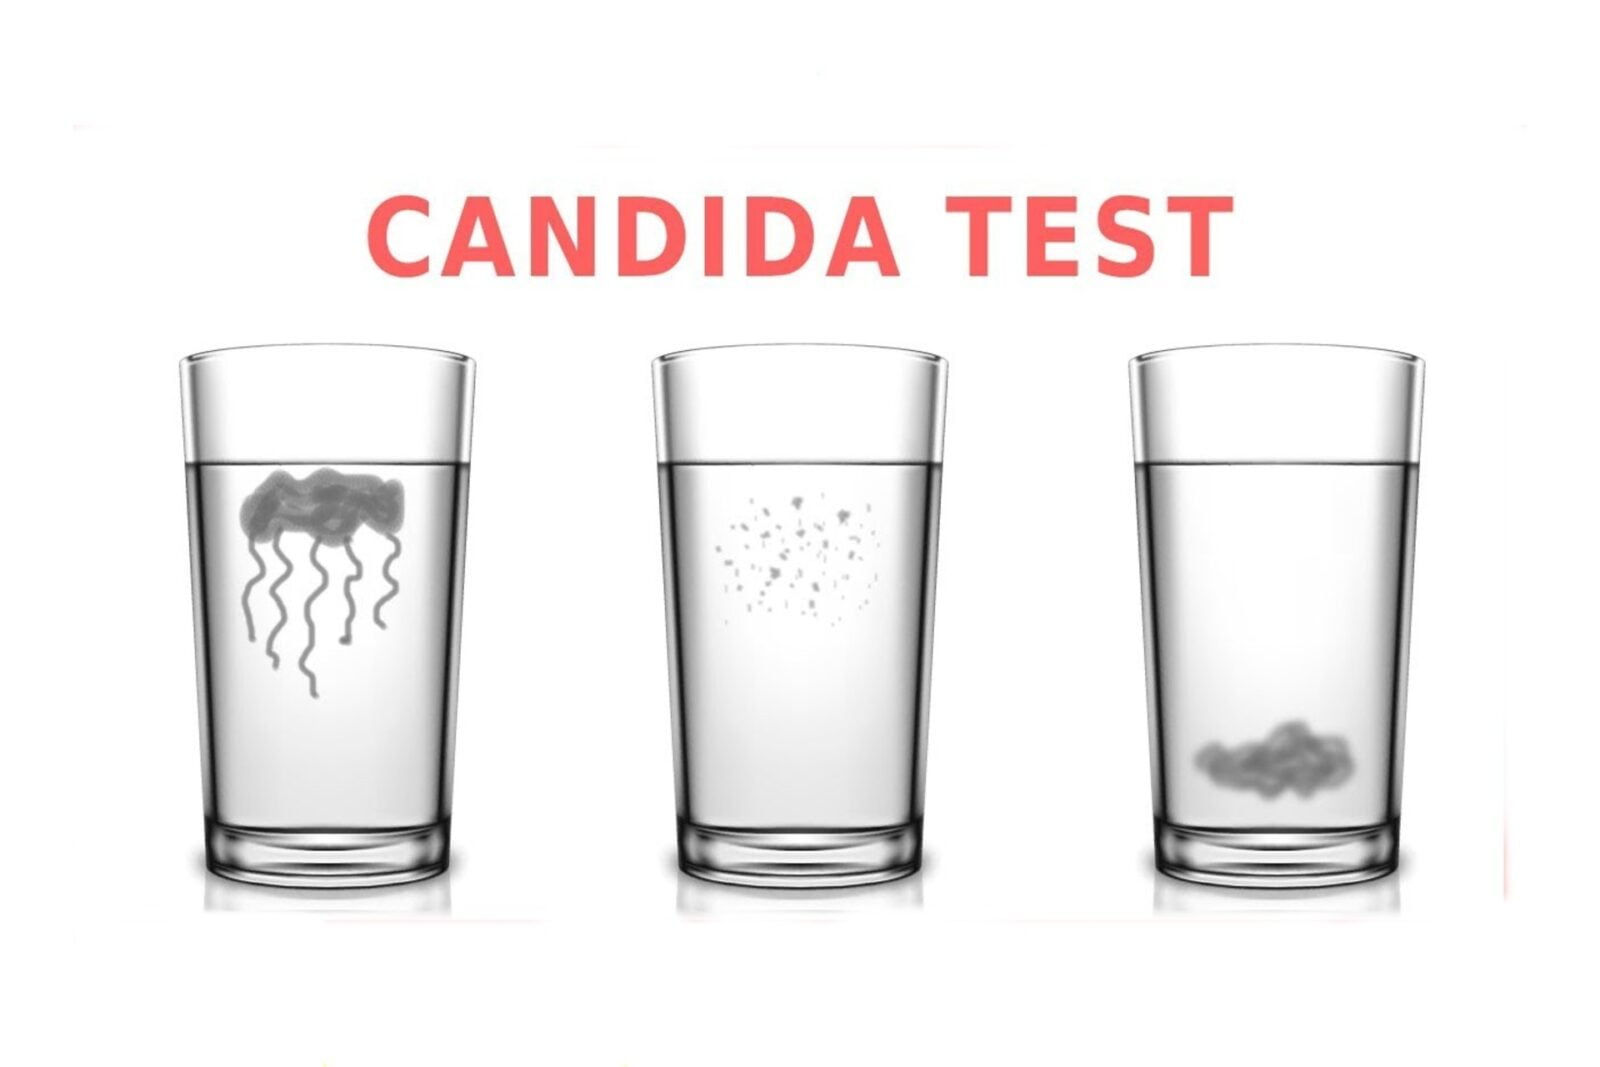 Test fai da te per individuare la candida: semplice e veloce